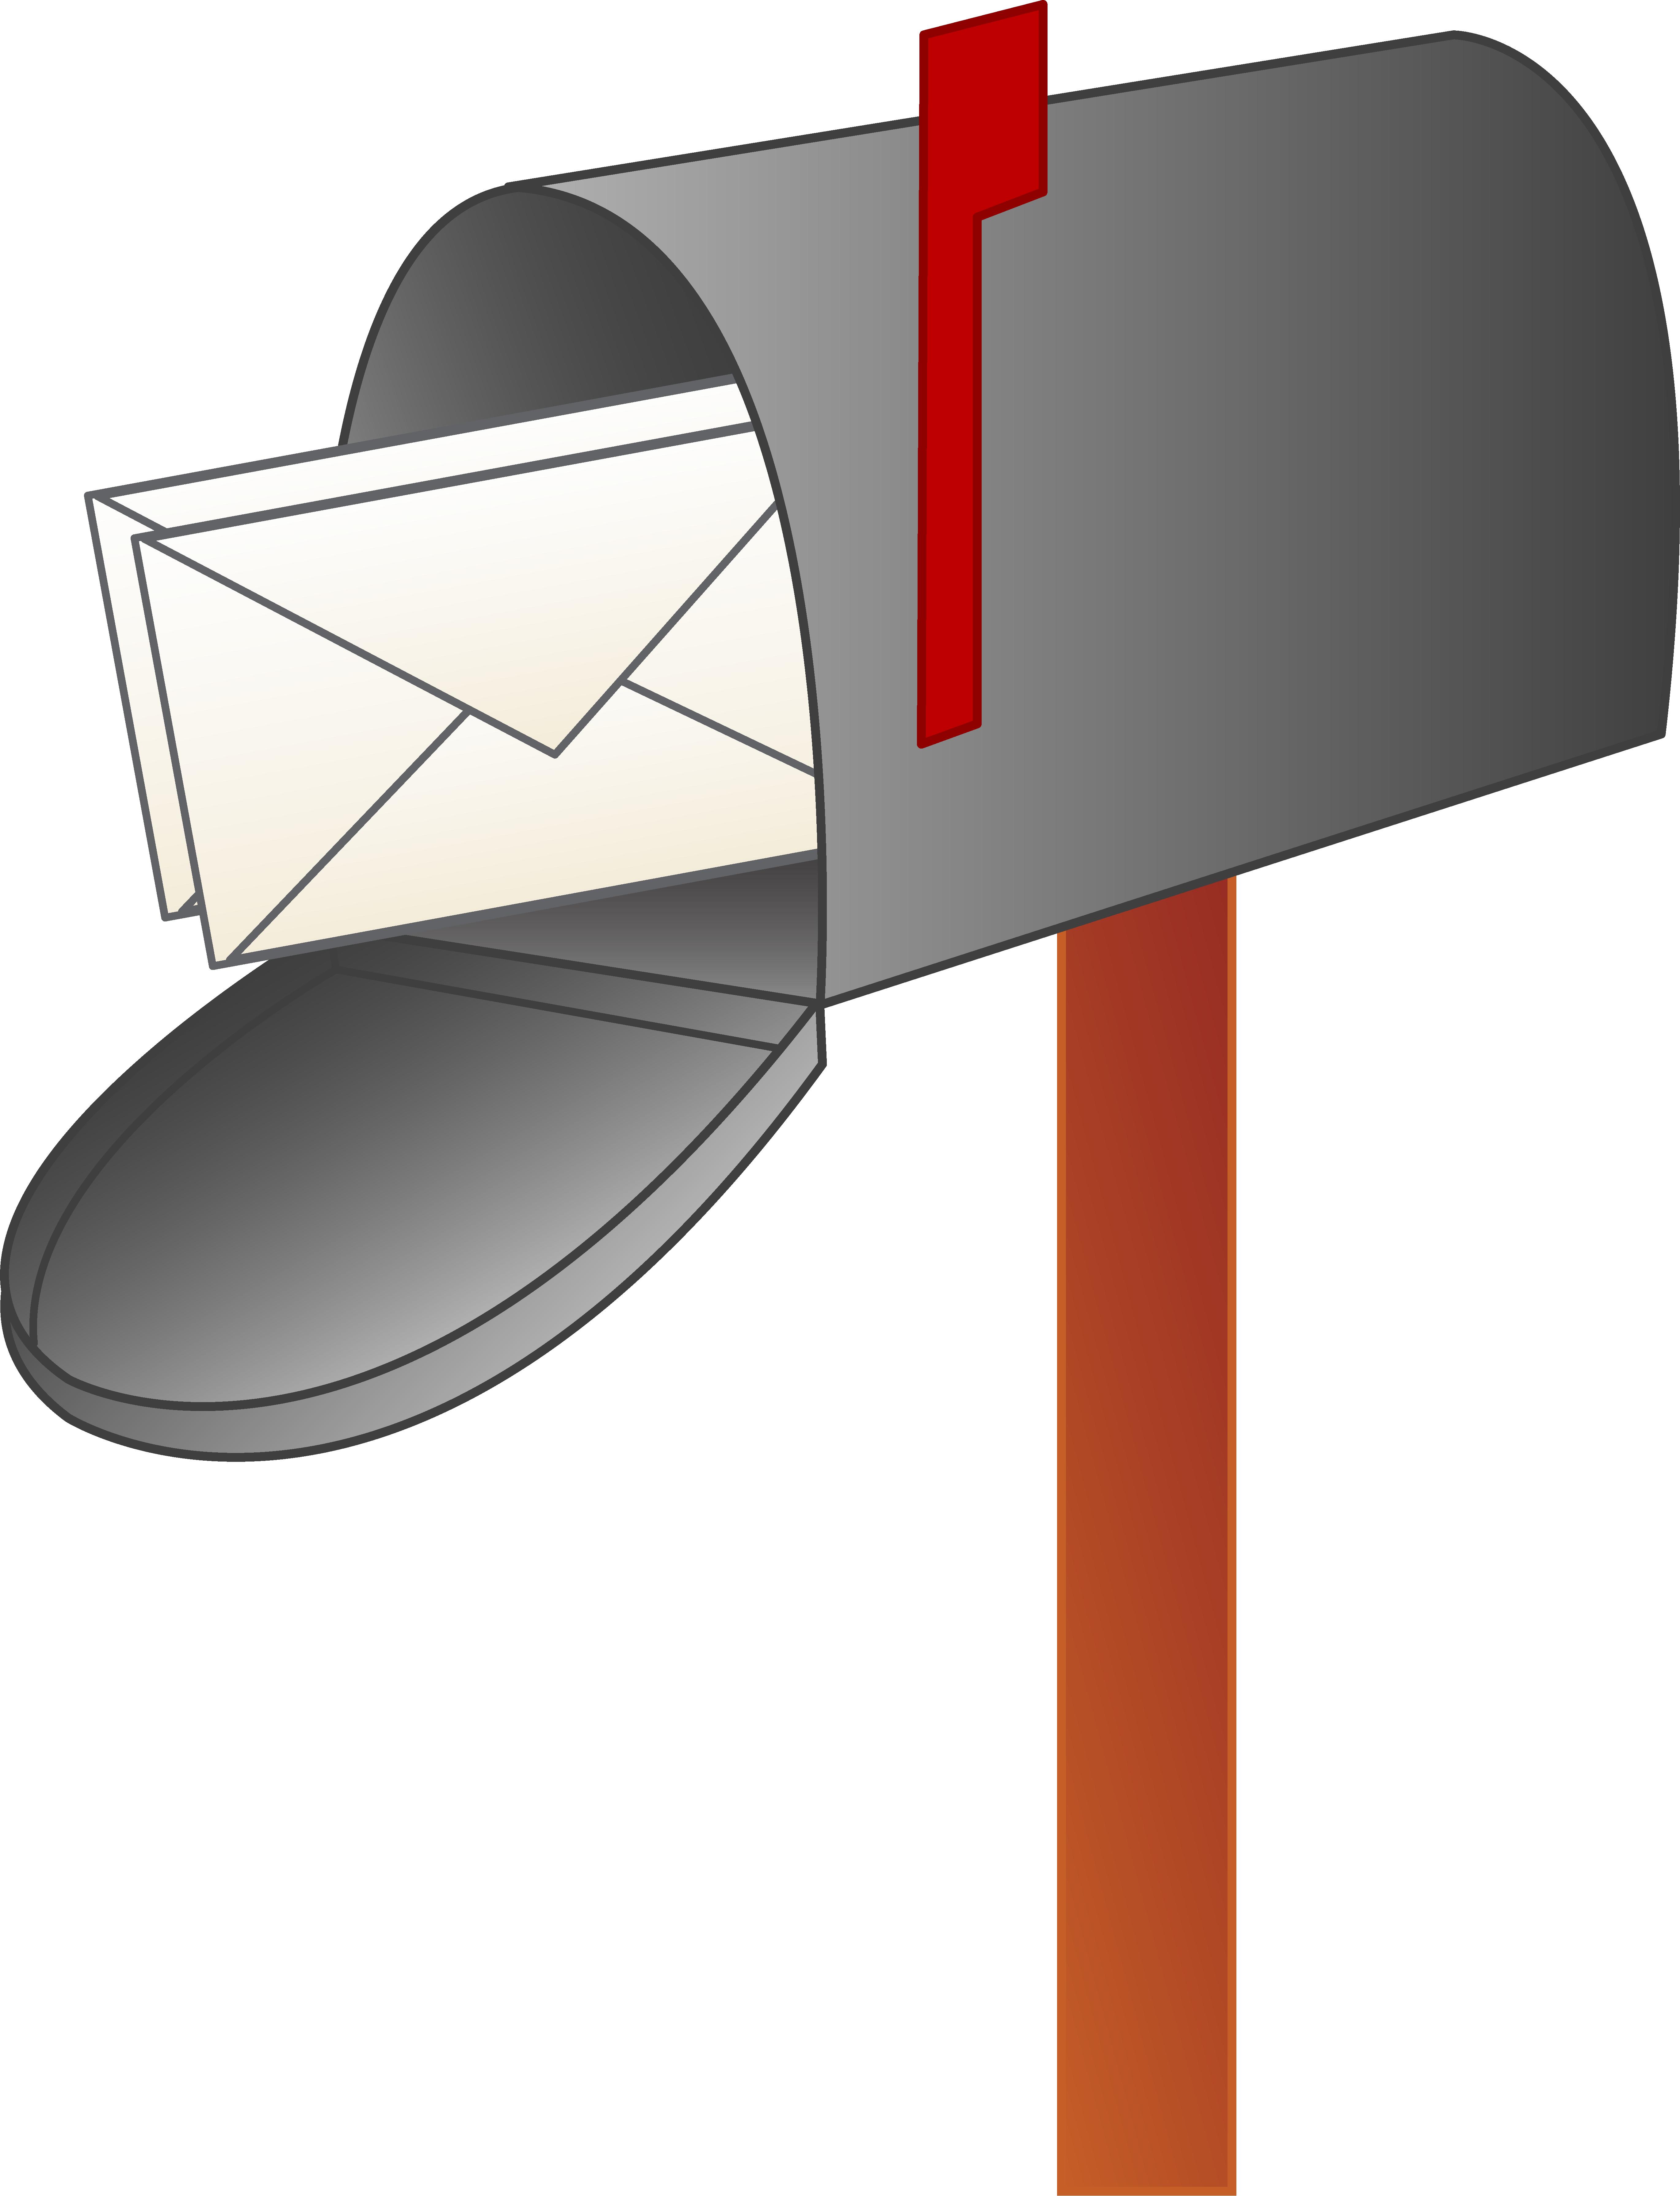 Mail clip art tumundografico 5